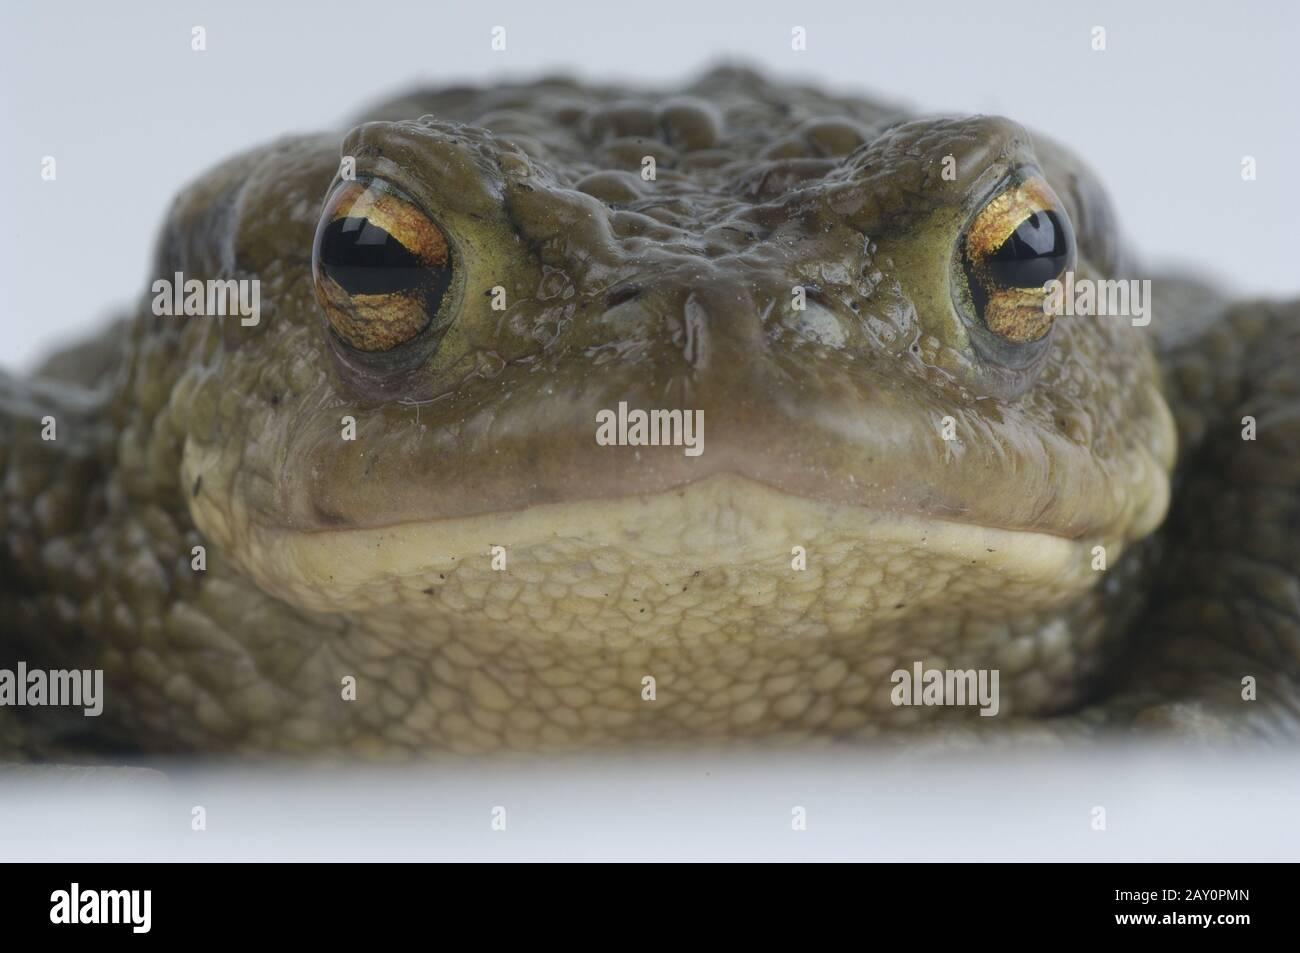 Erdkroete,  Dedtail, Bufo bufo,  Common Toad, Studio Stock Photo